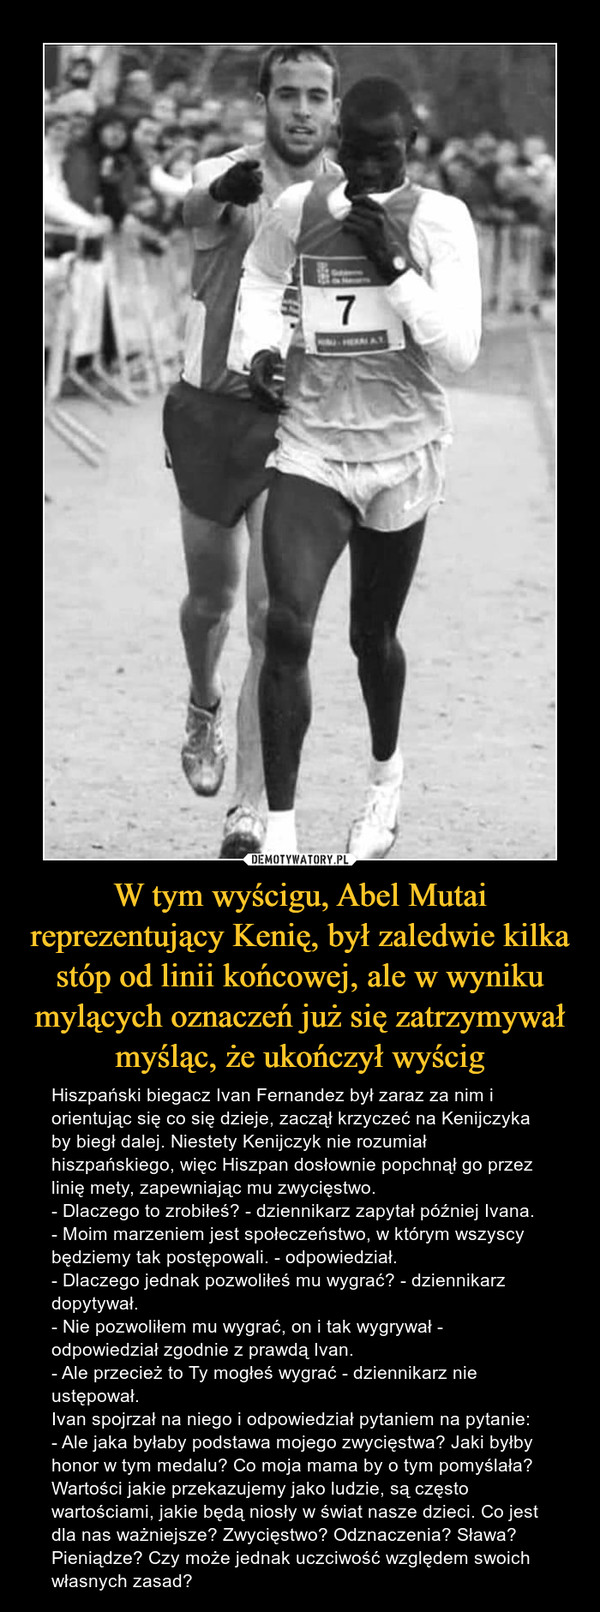 W tym wyścigu, Abel Mutai reprezentujący Kenię, był zaledwie kilka stóp od linii końcowej, ale w wyniku mylących oznaczeń już się zatrzymywał myśląc, że ukończył wyścig – Hiszpański biegacz Ivan Fernandez był zaraz za nim i orientując się co się dzieje, zaczął krzyczeć na Kenijczyka by biegł dalej. Niestety Kenijczyk nie rozumiał hiszpańskiego, więc Hiszpan dosłownie popchnął go przez linię mety, zapewniając mu zwycięstwo.- Dlaczego to zrobiłeś? - dziennikarz zapytał później Ivana.- Moim marzeniem jest społeczeństwo, w którym wszyscy będziemy tak postępowali. - odpowiedział.- Dlaczego jednak pozwoliłeś mu wygrać? - dziennikarz dopytywał.- Nie pozwoliłem mu wygrać, on i tak wygrywał - odpowiedział zgodnie z prawdą Ivan.- Ale przecież to Ty mogłeś wygrać - dziennikarz nie ustępował.Ivan spojrzał na niego i odpowiedział pytaniem na pytanie:- Ale jaka byłaby podstawa mojego zwycięstwa? Jaki byłby honor w tym medalu? Co moja mama by o tym pomyślała?Wartości jakie przekazujemy jako ludzie, są często wartościami, jakie będą niosły w świat nasze dzieci. Co jest dla nas ważniejsze? Zwycięstwo? Odznaczenia? Sława? Pieniądze? Czy może jednak uczciwość względem swoich własnych zasad?